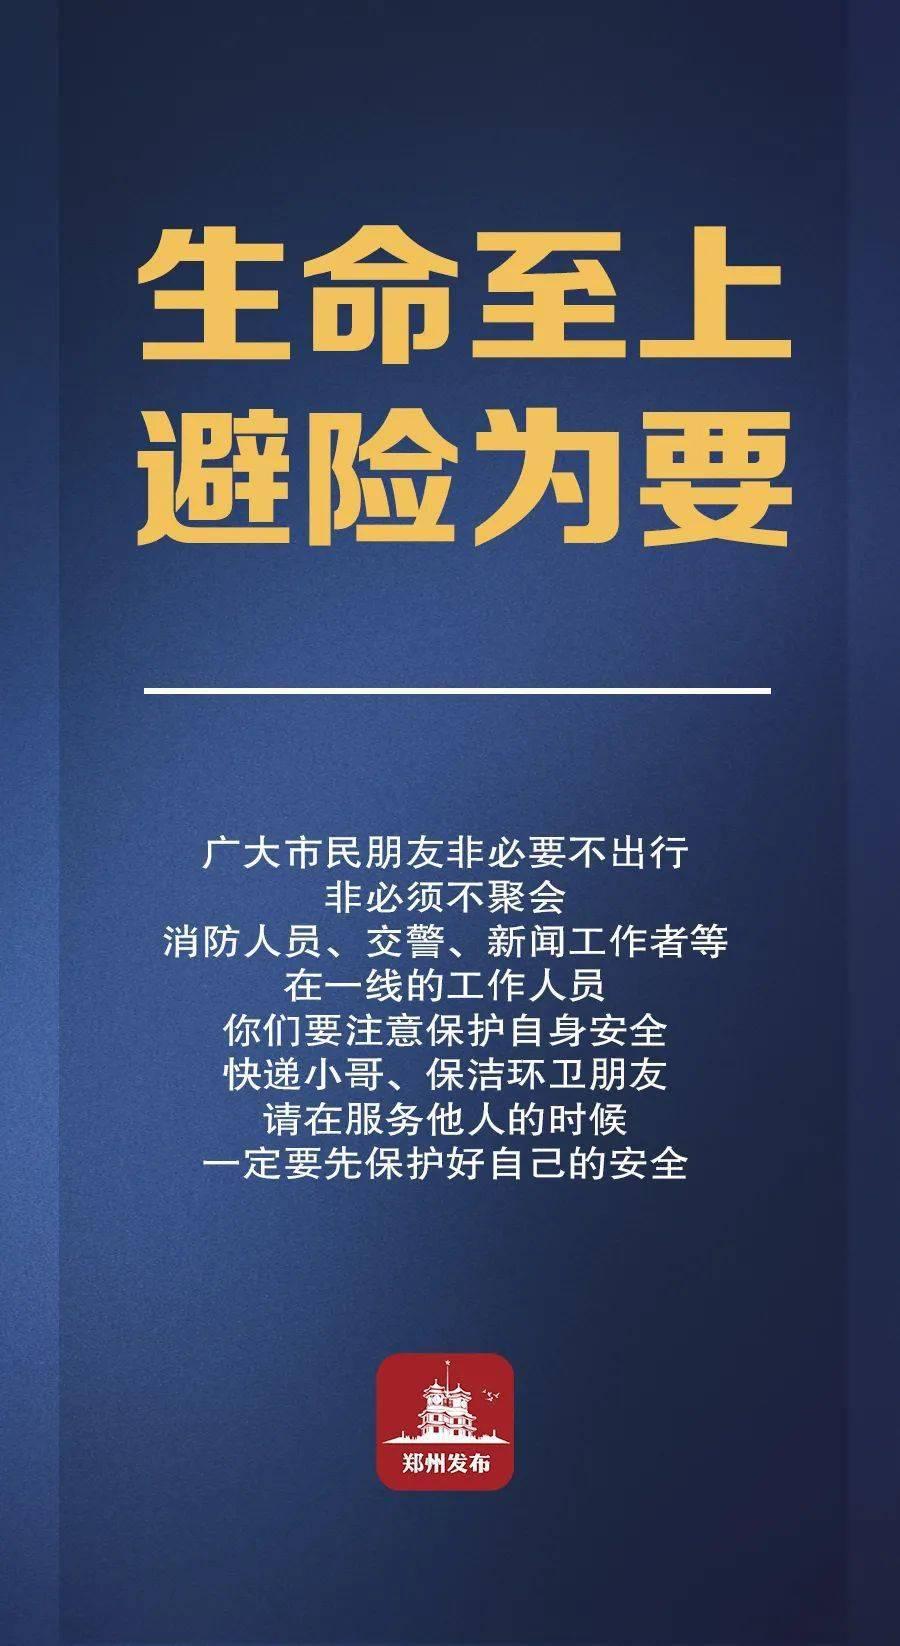 郑州市防汛抗旱指挥部致全体市民的一封信:全力